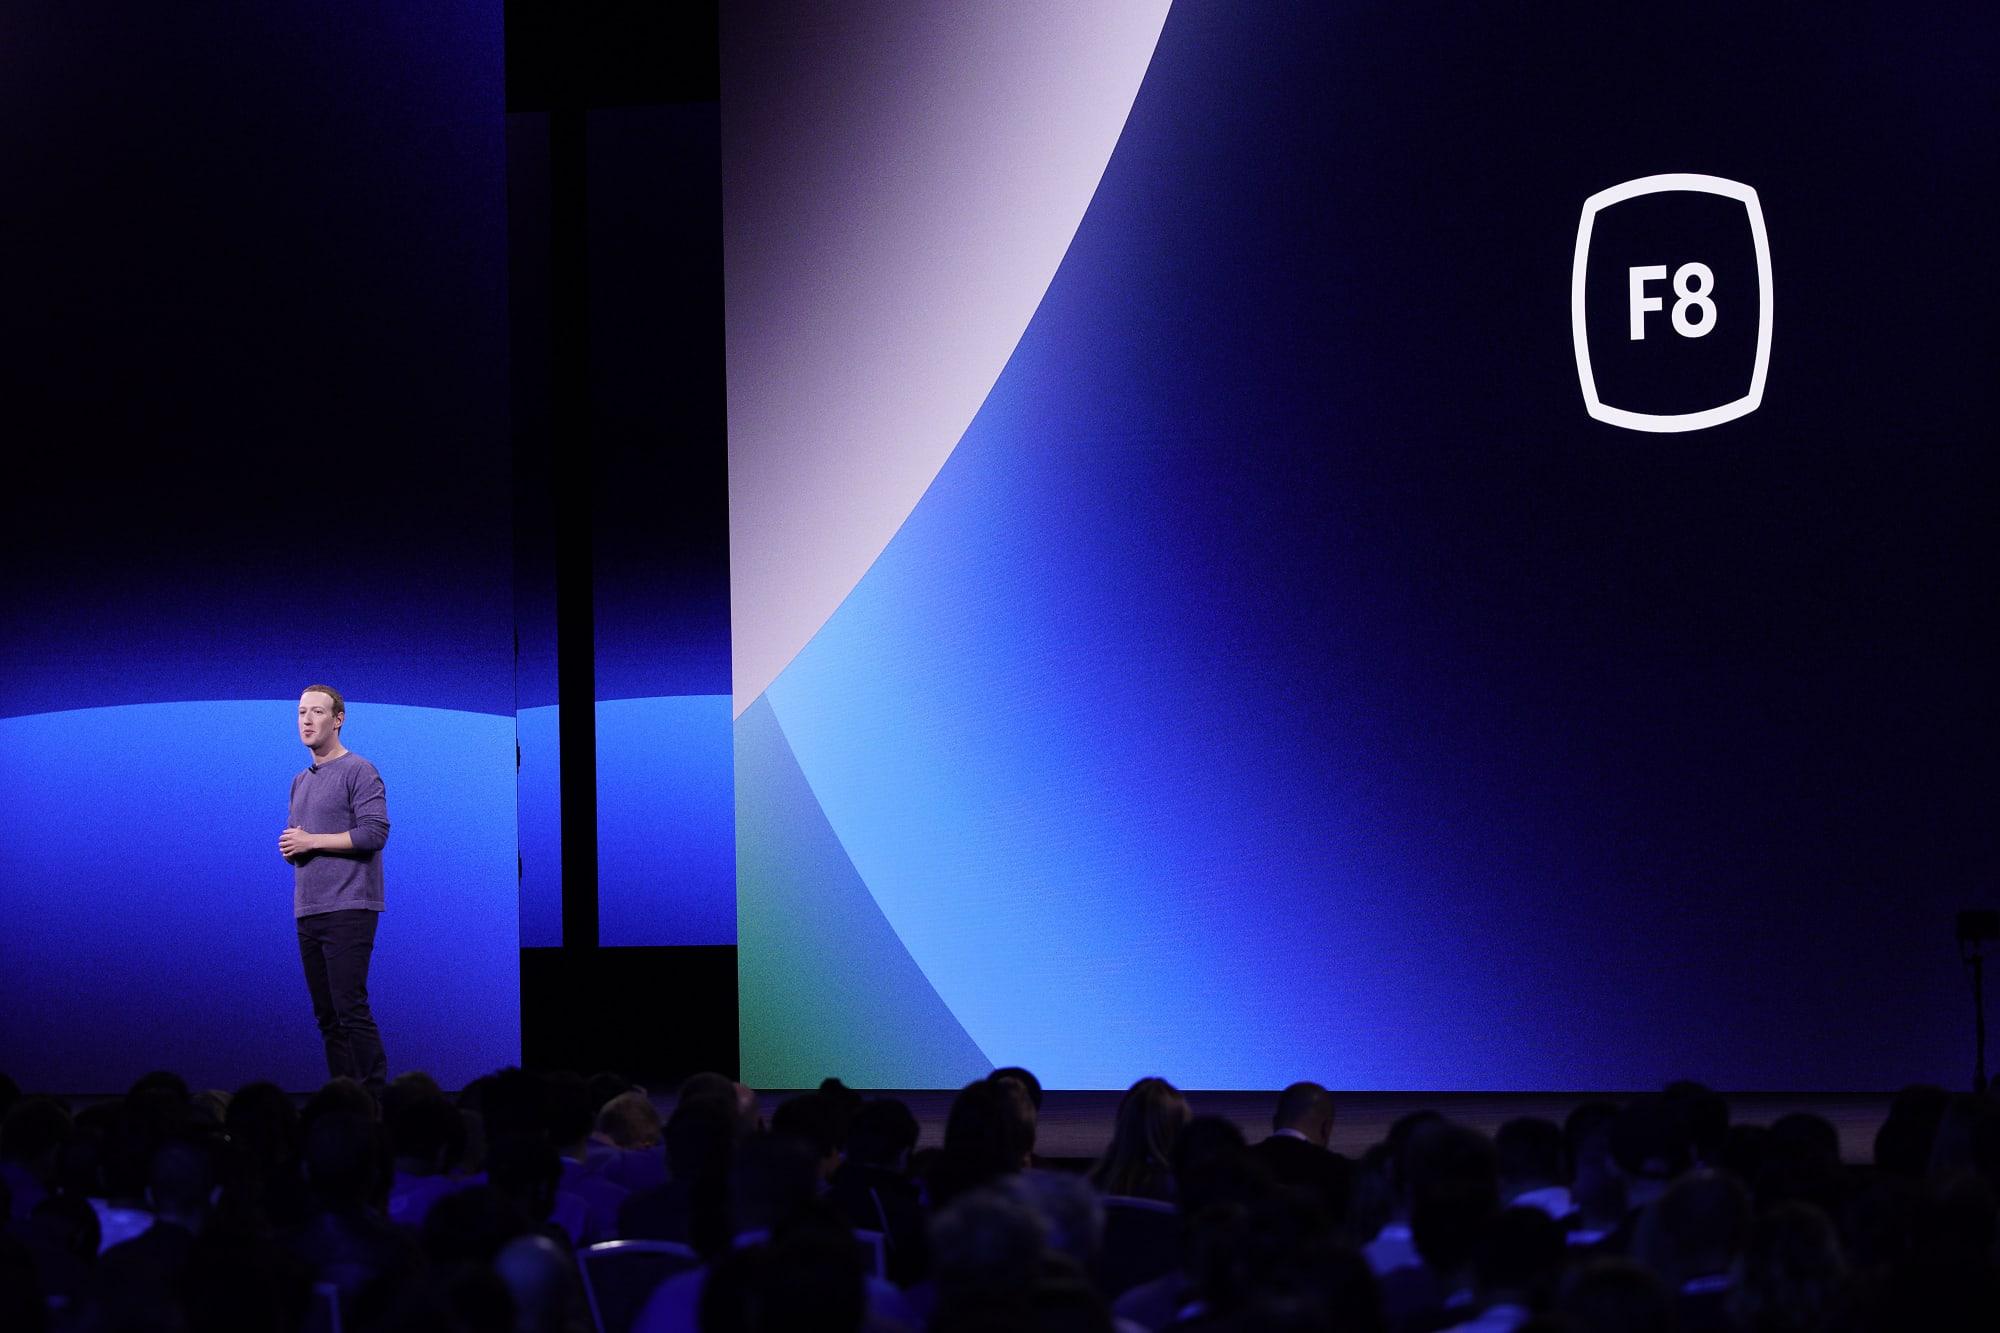 Facebook cancels F8 developer conference over coronavirus concerns